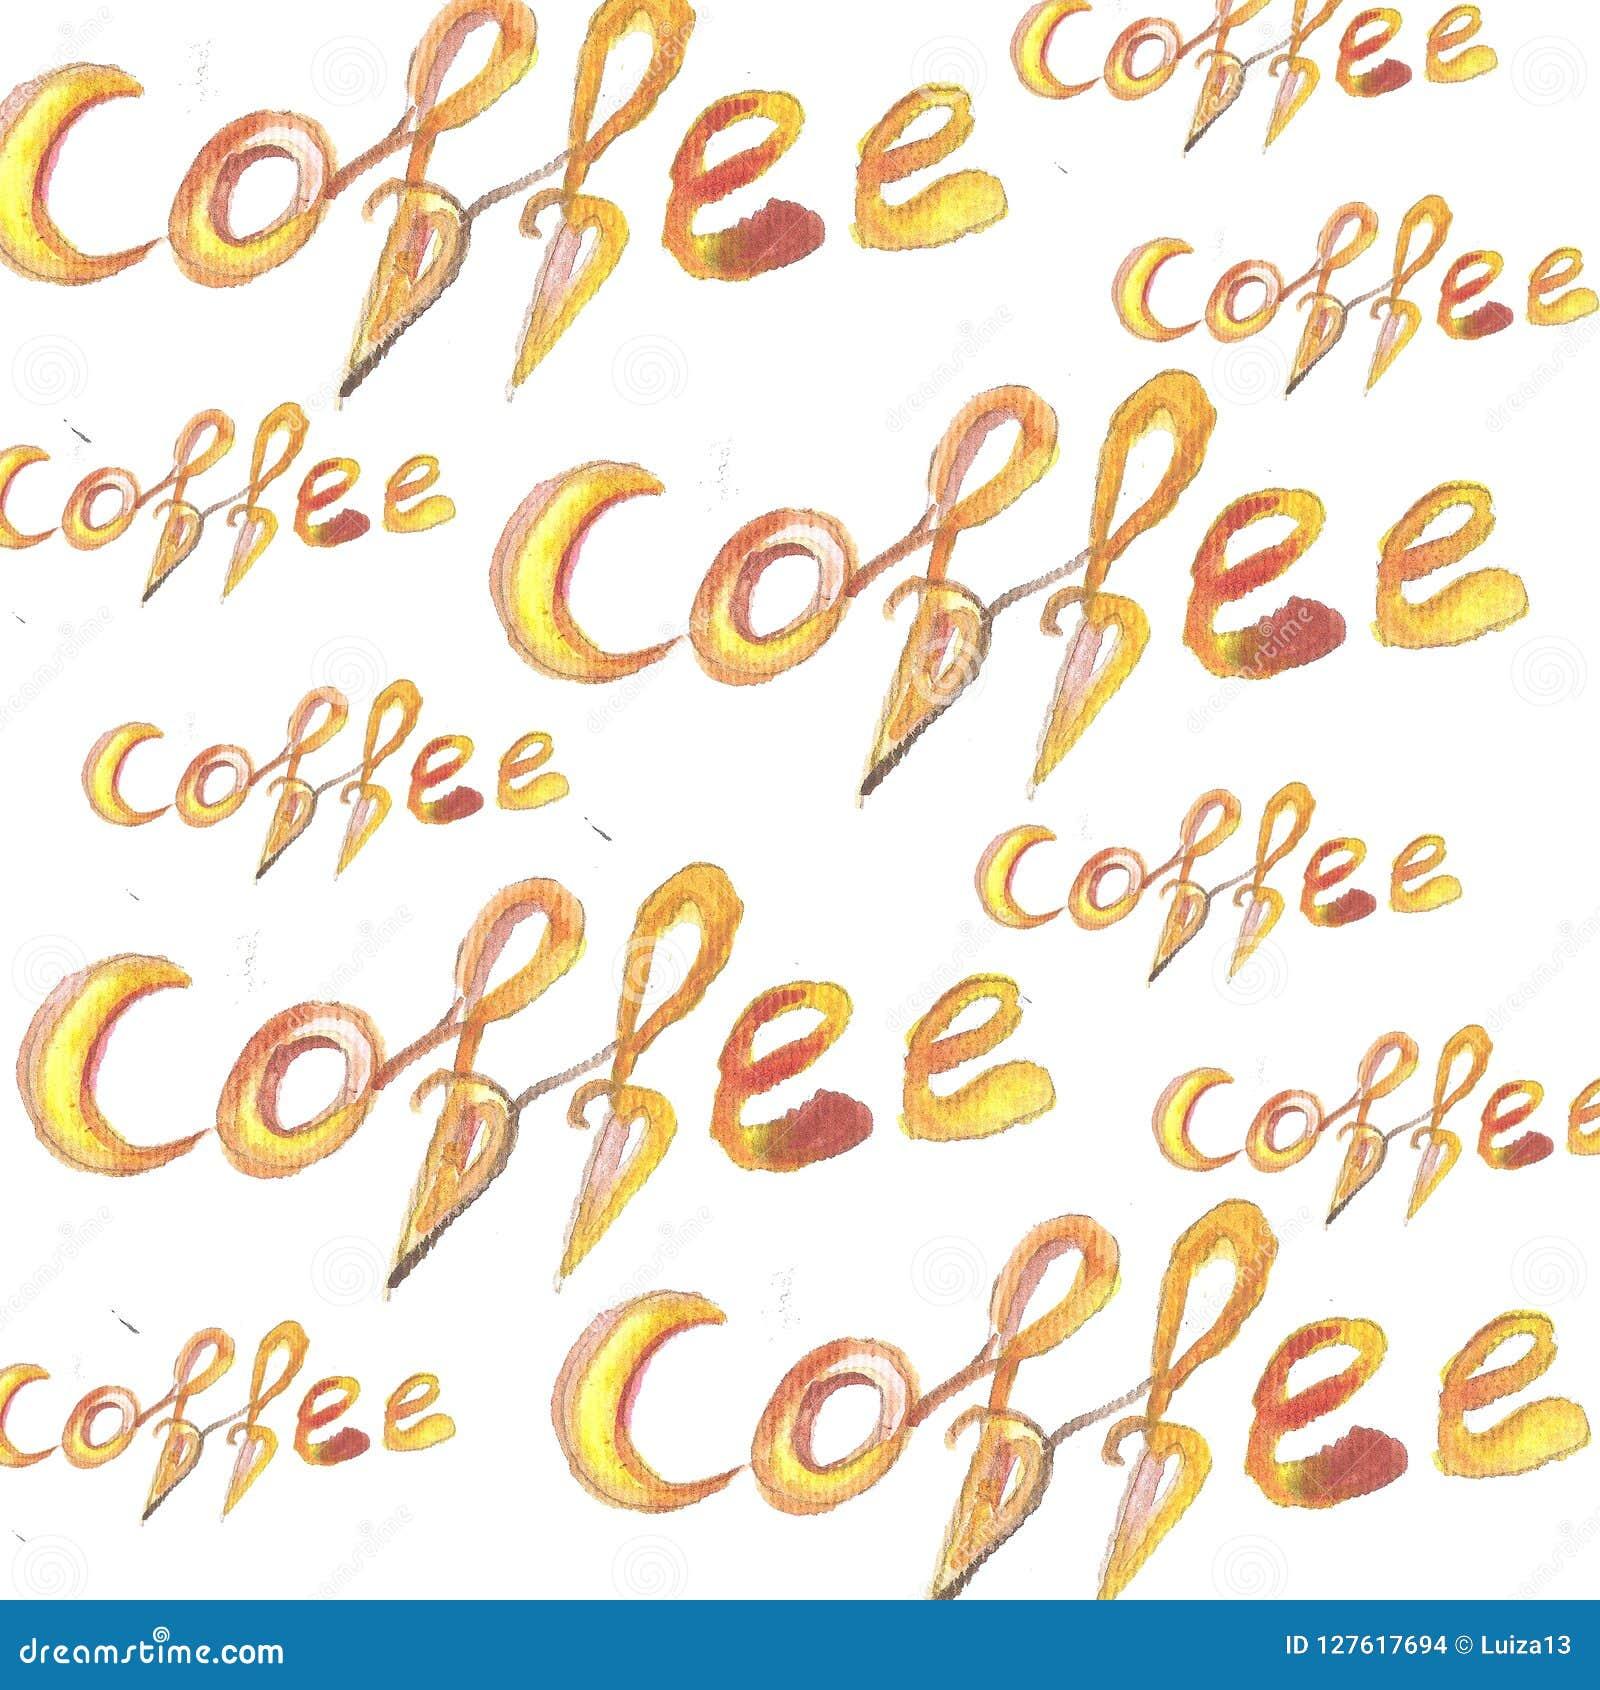 Текстурированный Watercolour помечающ буквами кофе всегда хорошая идея изолированный на теме, плакате, печати футболки